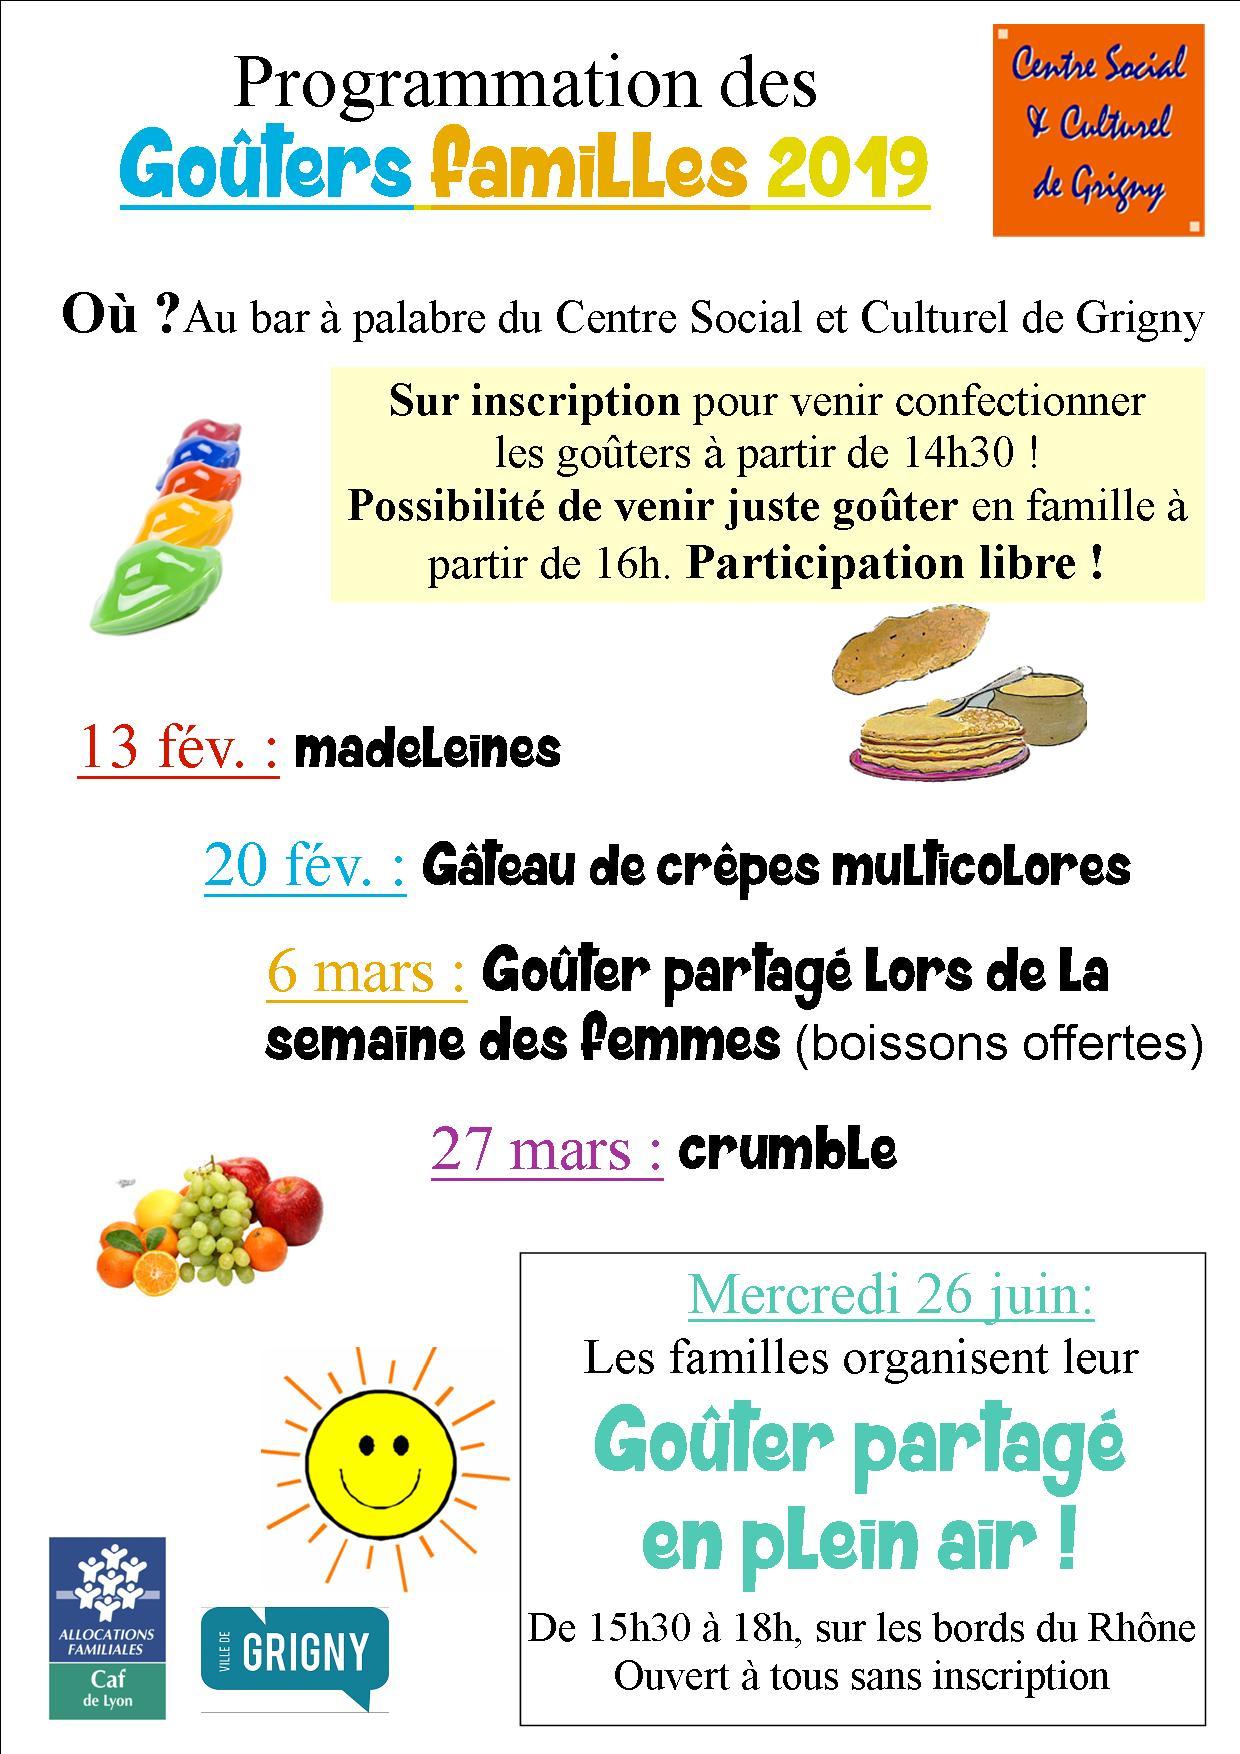 Goûter Familles / Gâteau de crêpes